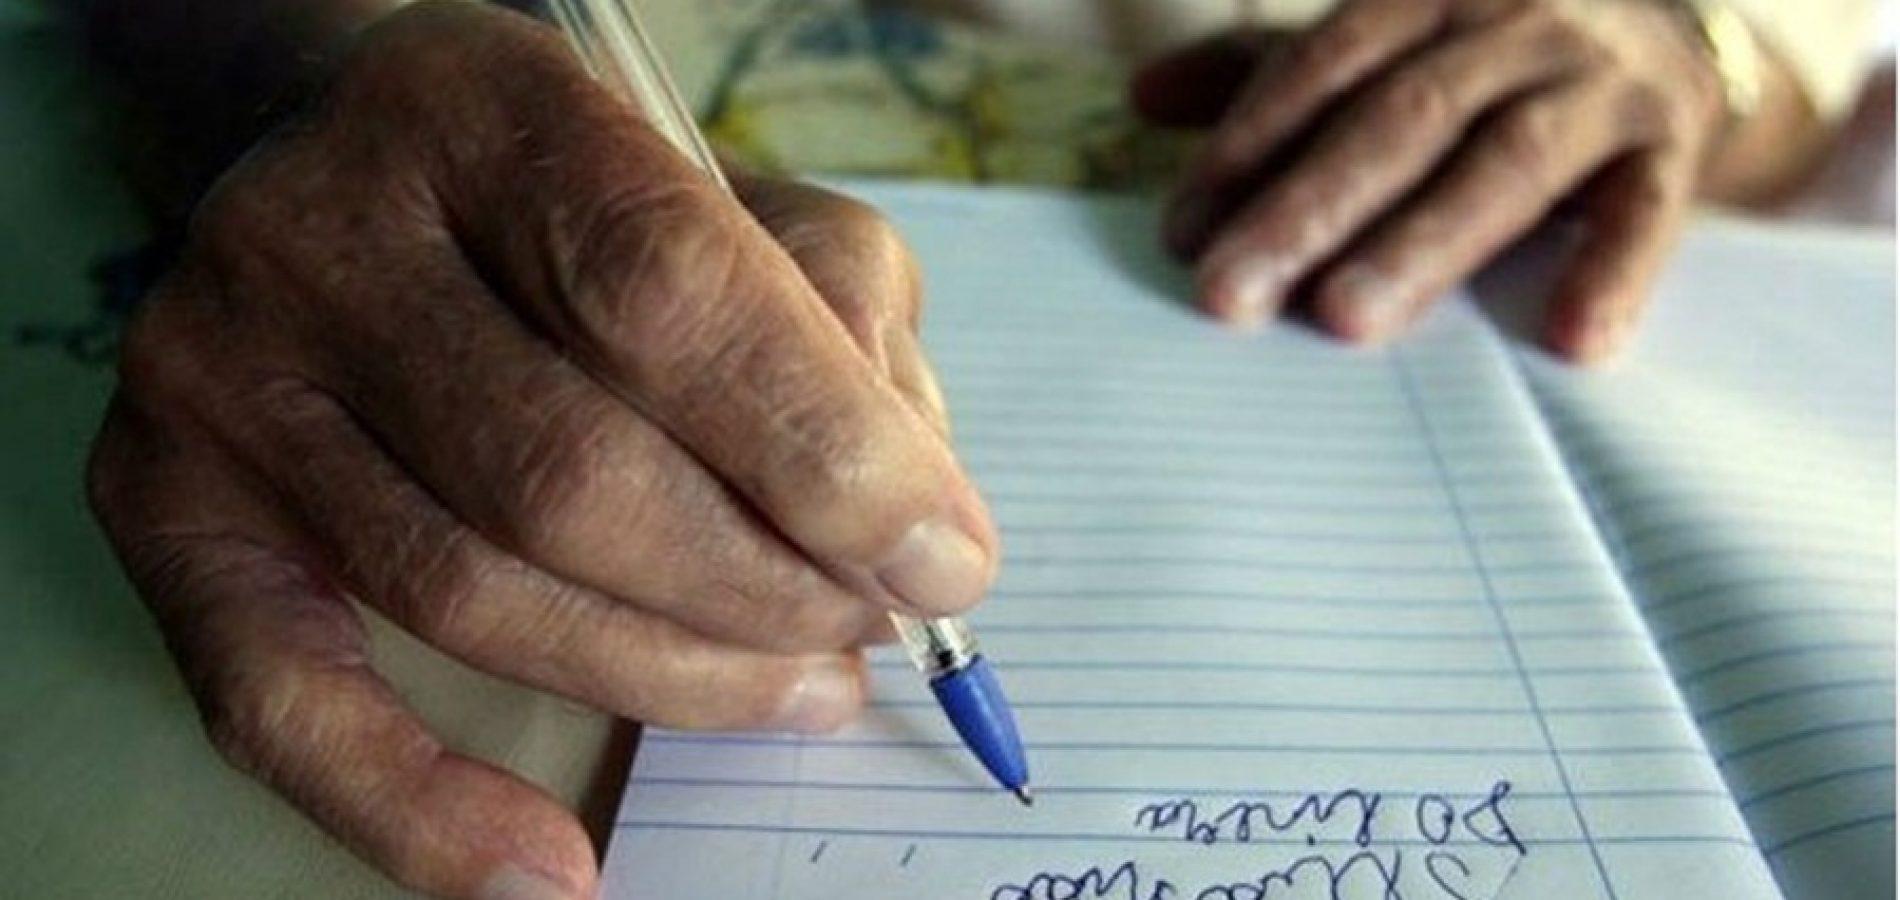 Piauí tem o segundo maior percentual de analfabetos do Brasil